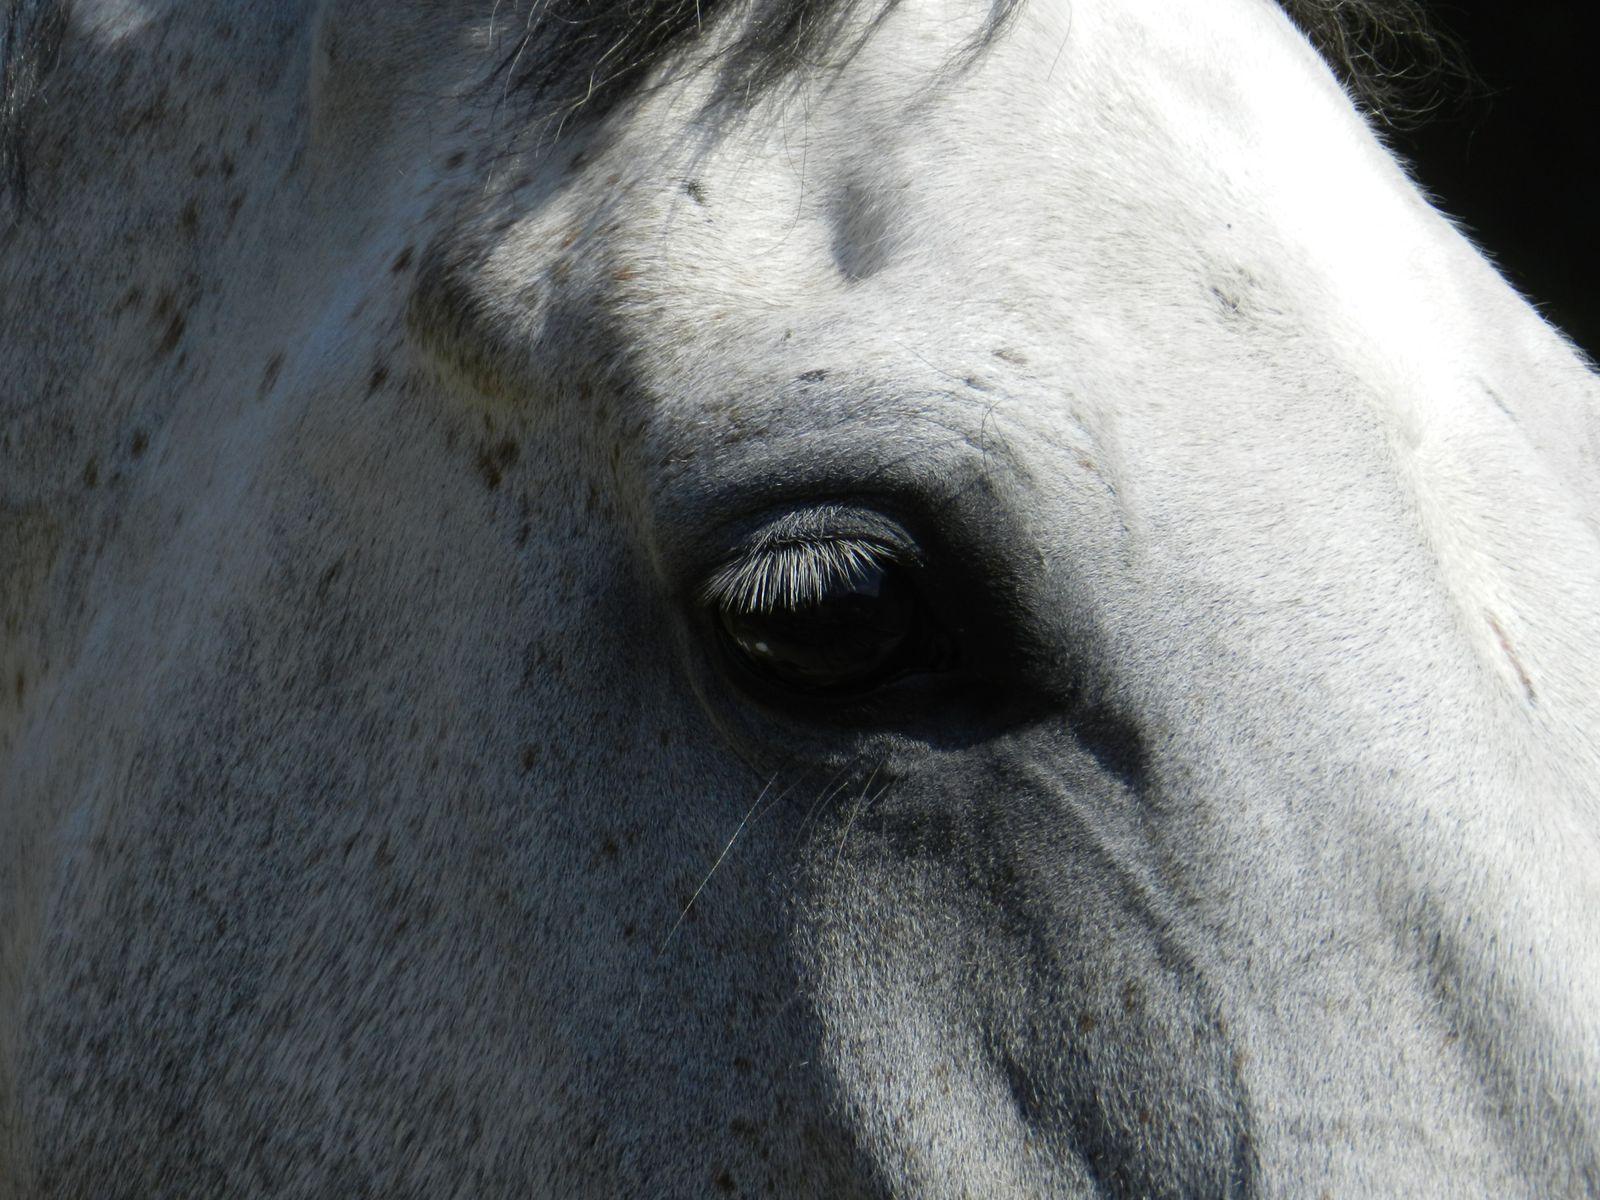 Un oeil de cheval. Image soumise à droits d'auteur. Techniques d'élevage 2013